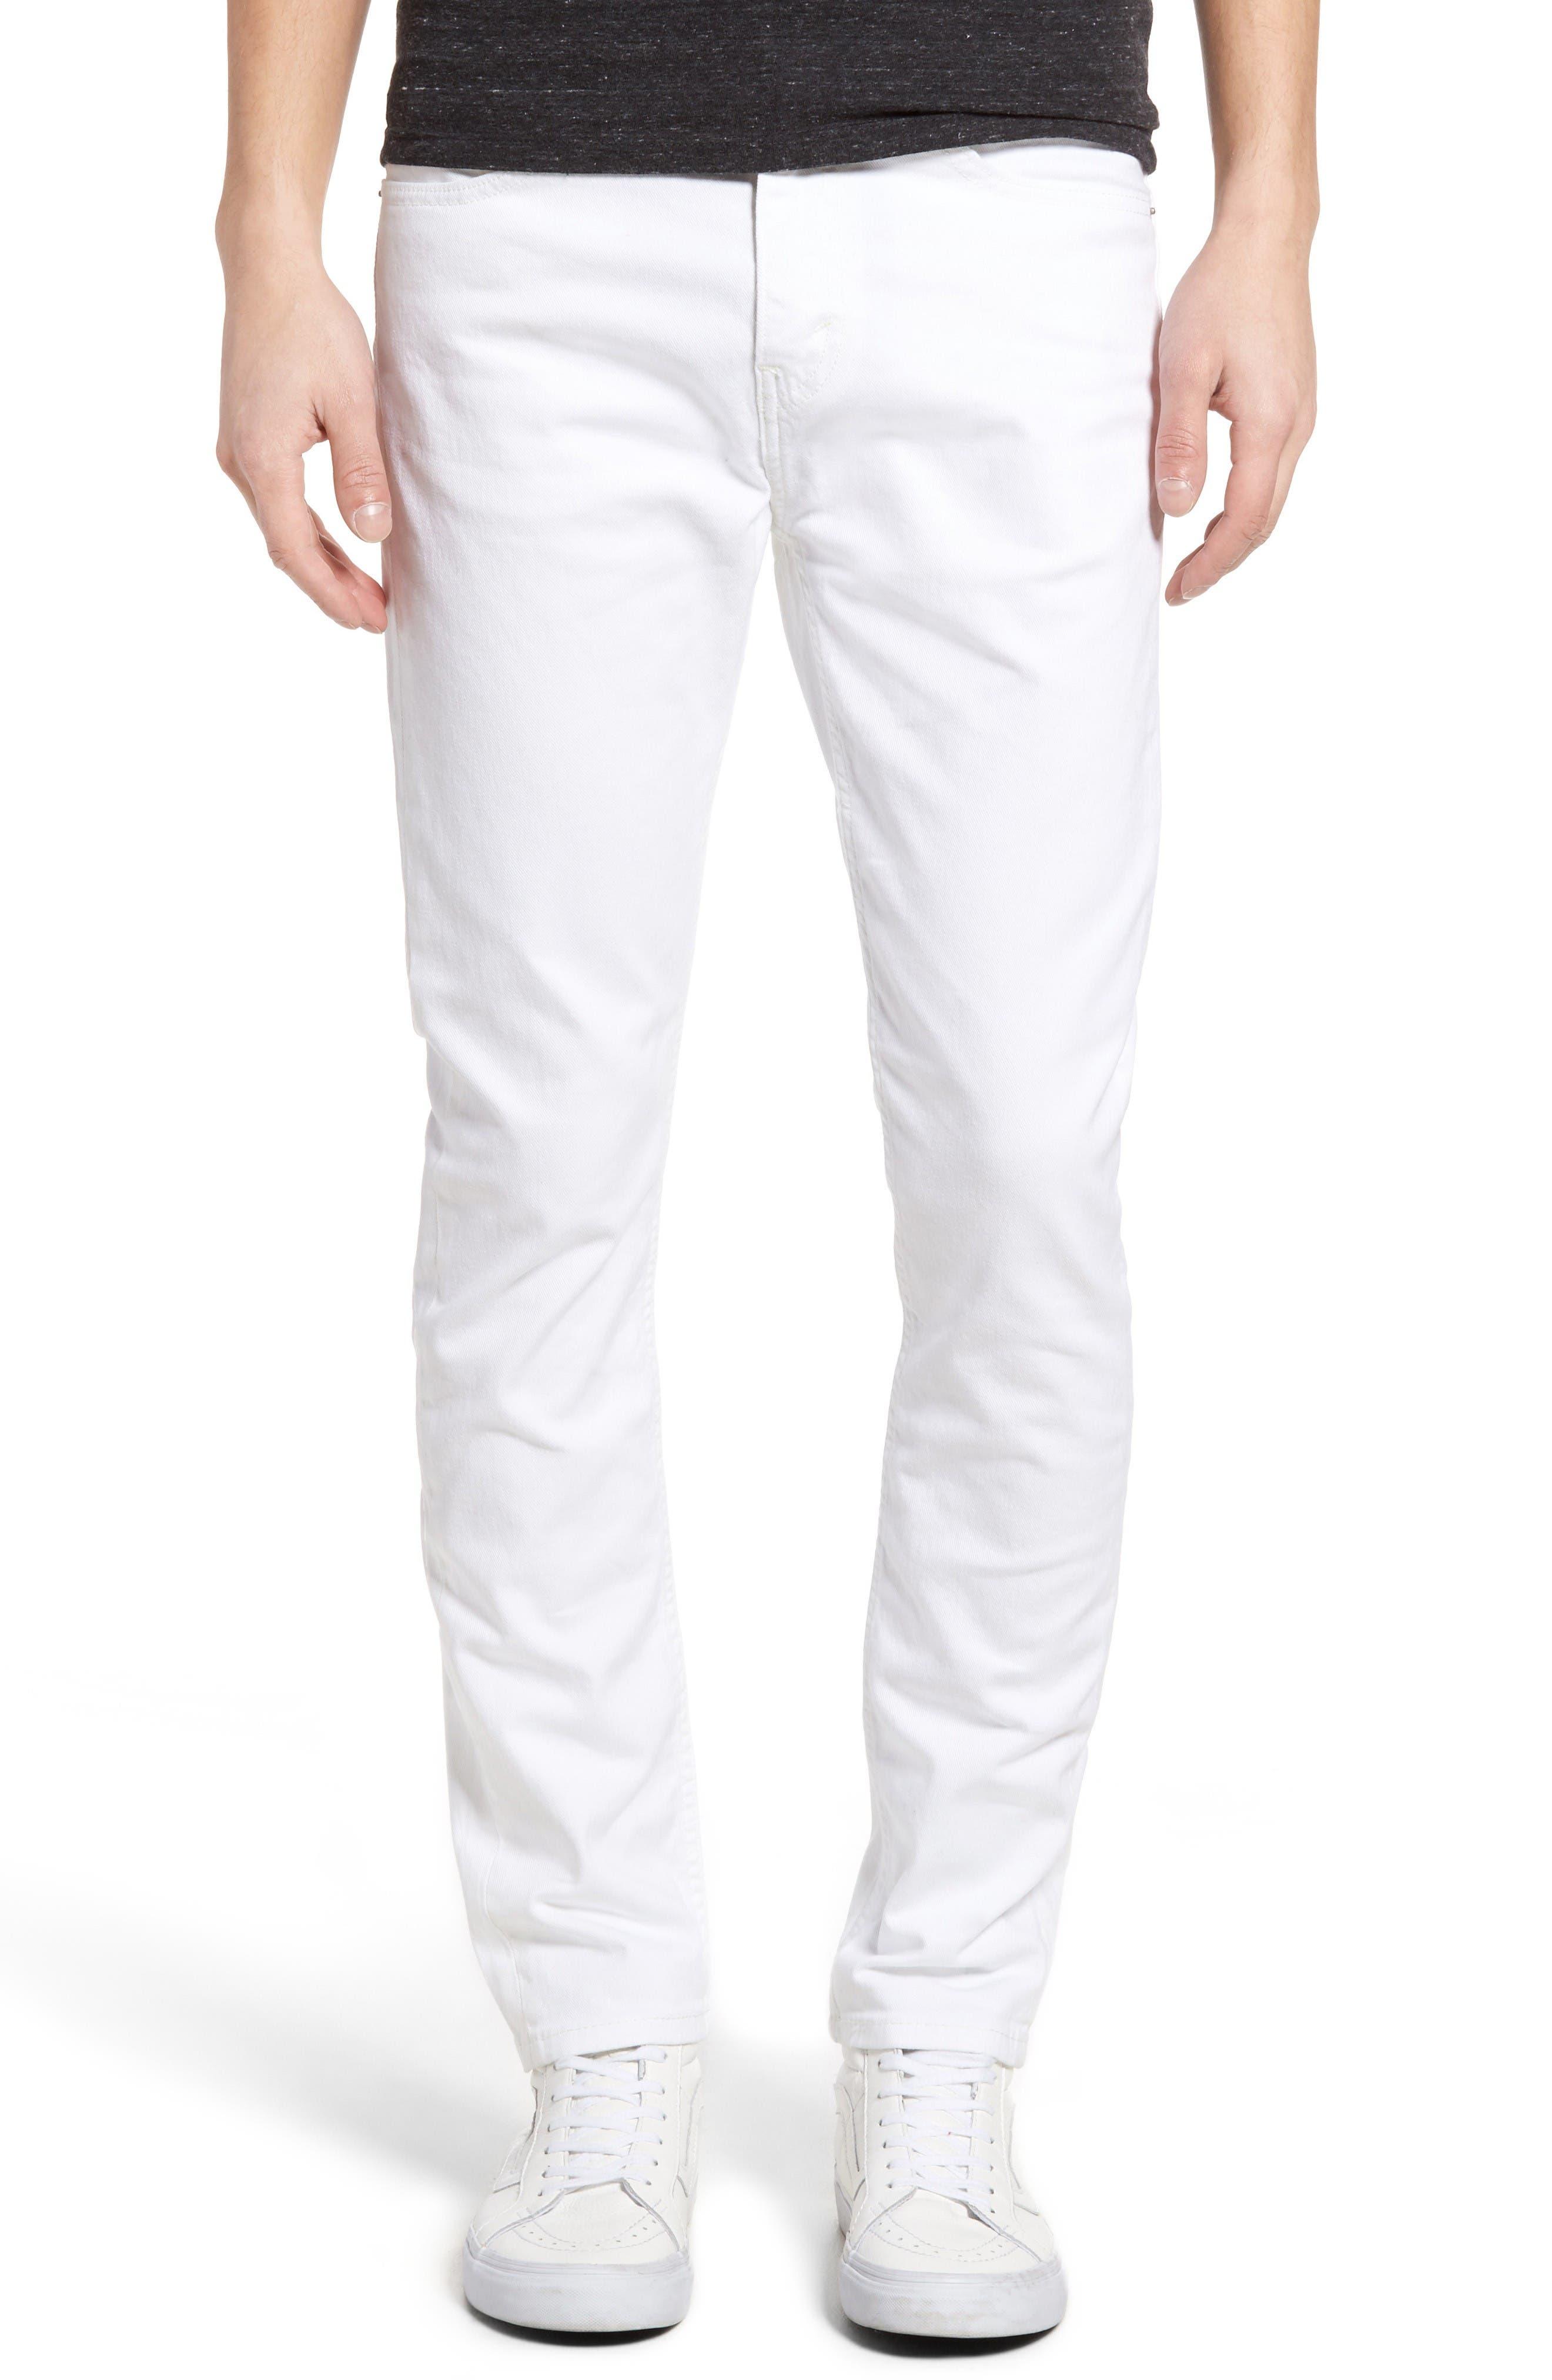 Alternate Image 1 Selected - Levi's® 510® Skinny Fit Jeans (White Bull Denim)